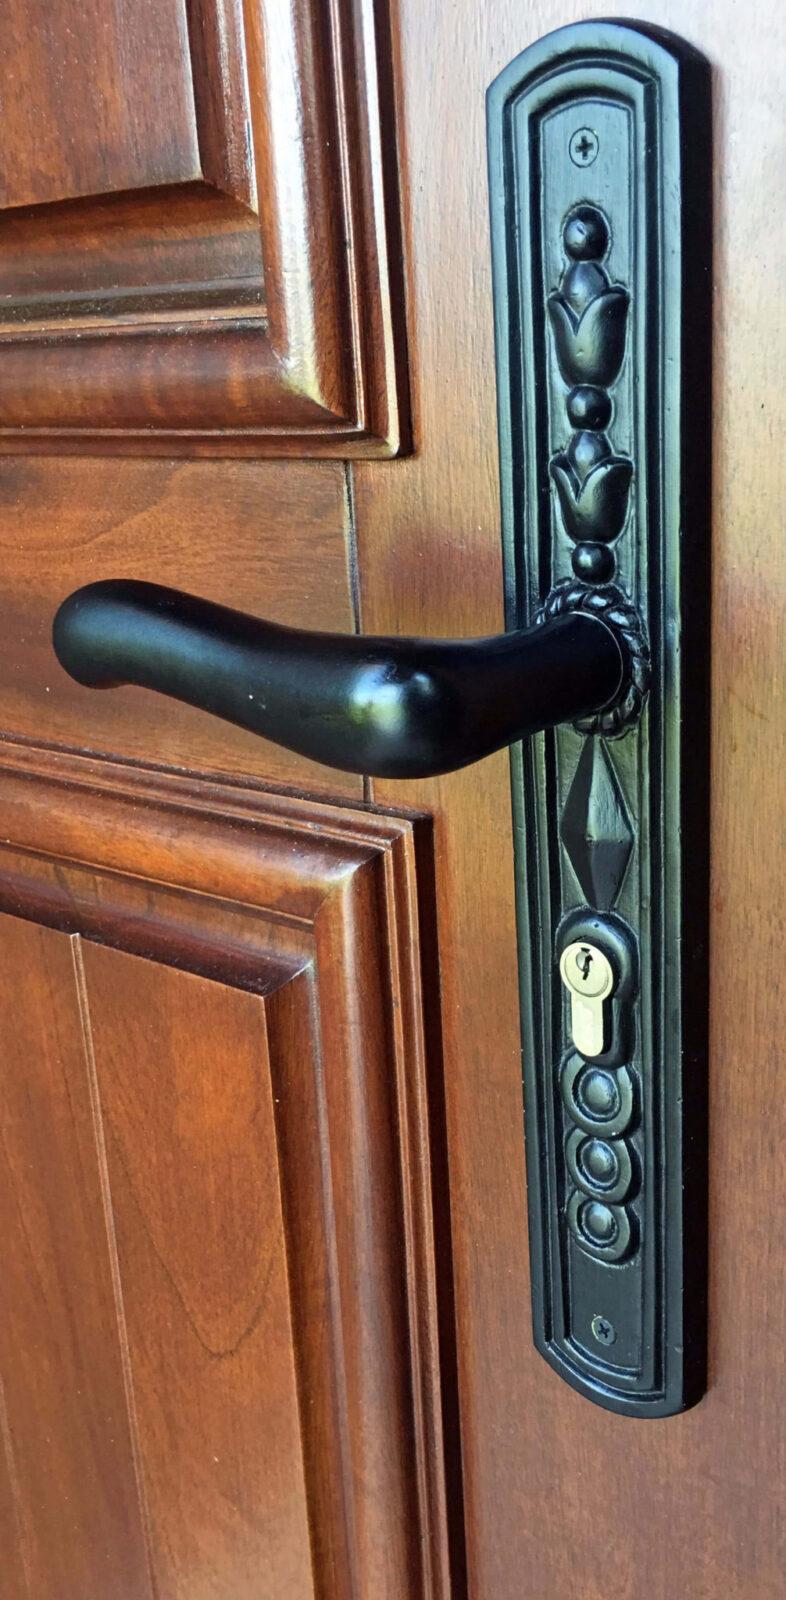 MALIBU MAHOGANY DOOR HANDLE